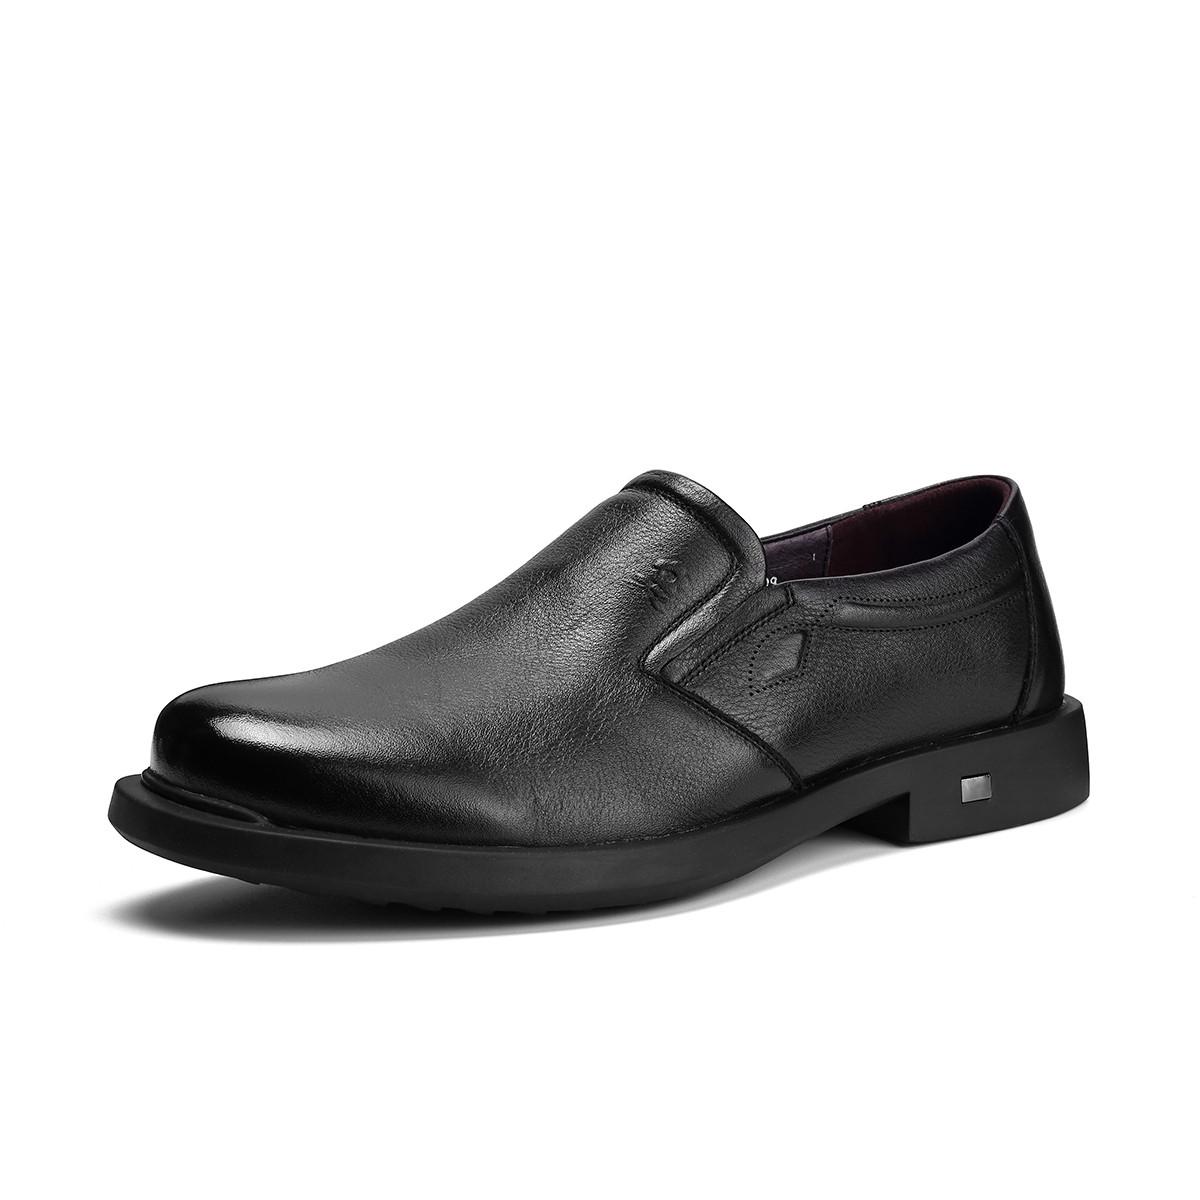 梦特娇【头层牛皮】19新品一脚蹬圆头耐磨舒适简约商务休闲皮鞋男鞋V81197872A